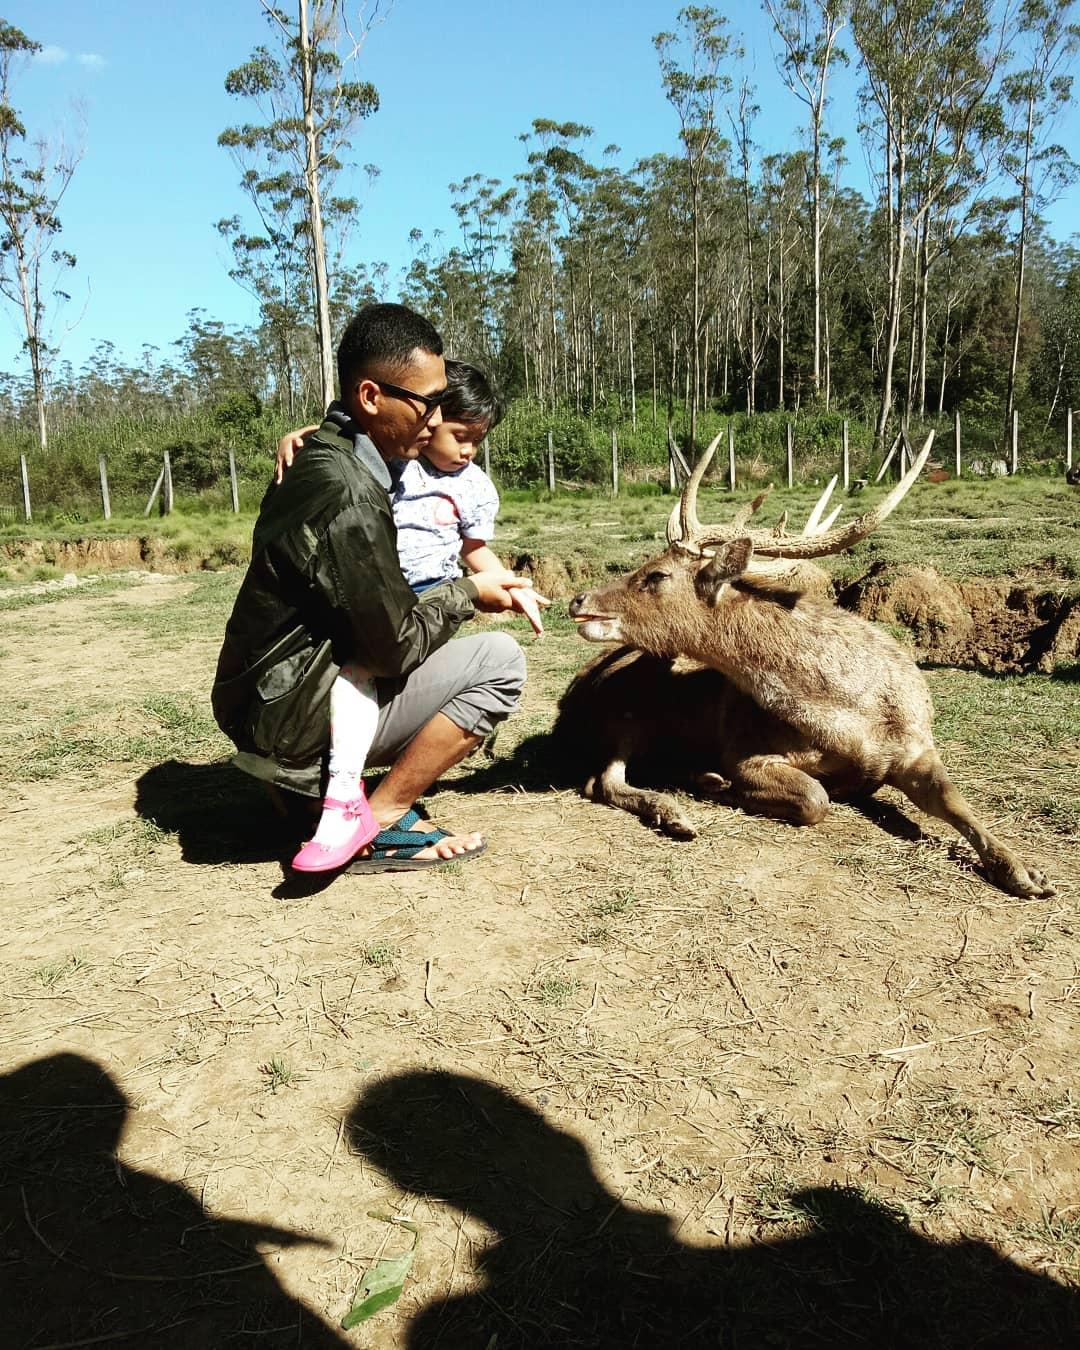 9 Tempat Wisata Keluarga dan Anak di Bogor 25